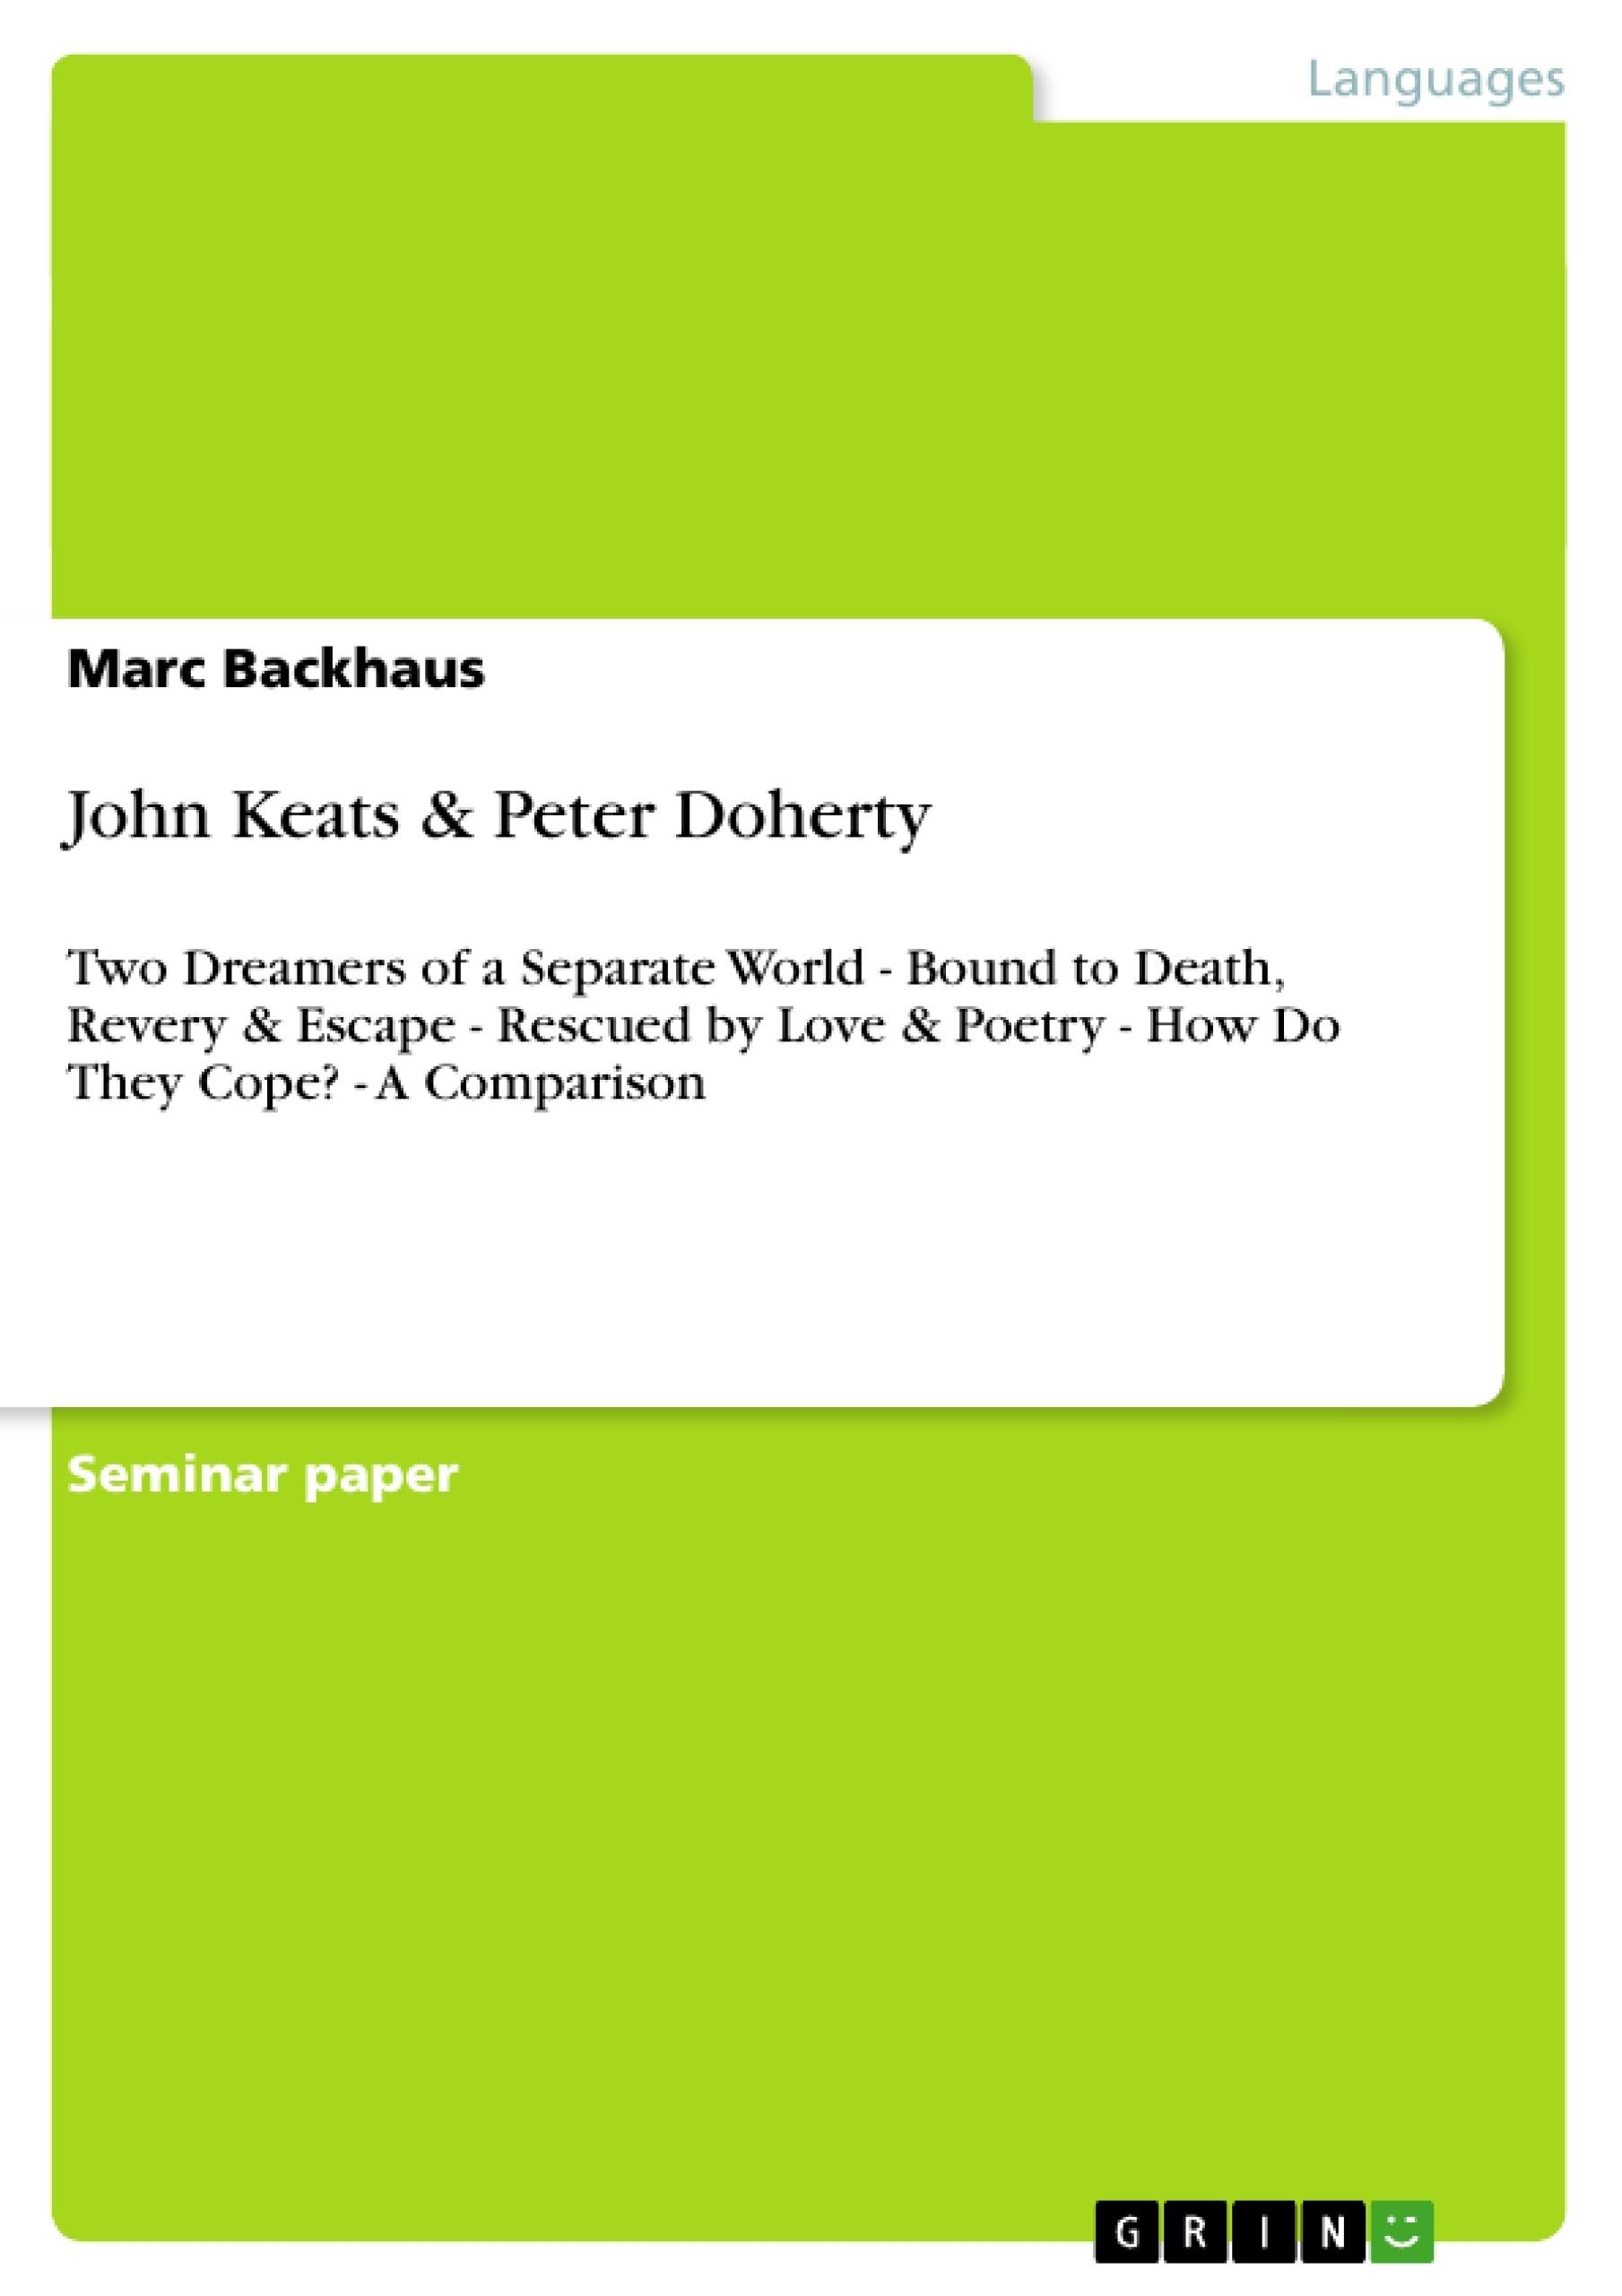 john keats paper term